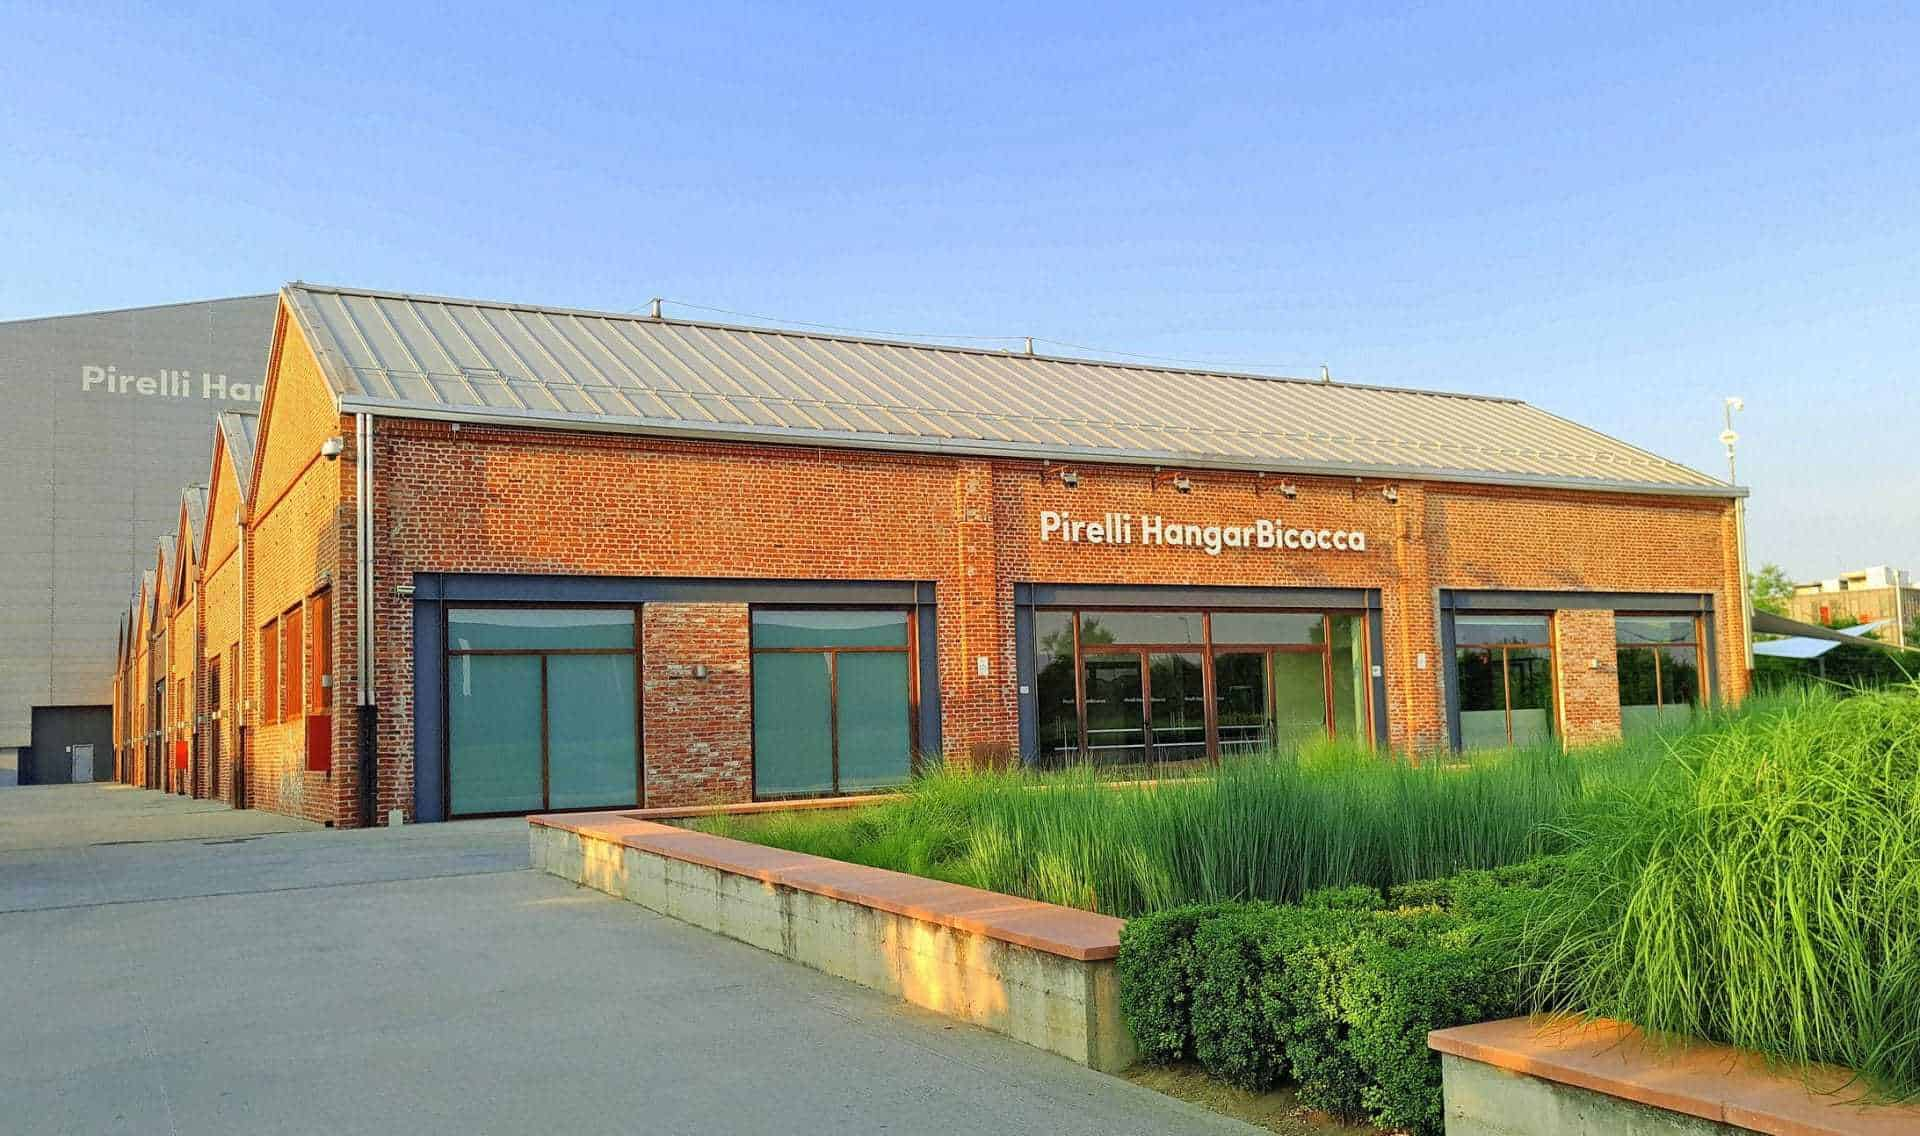 5 motivi per visitare il Pirelli Hangar Bicocca a Milano